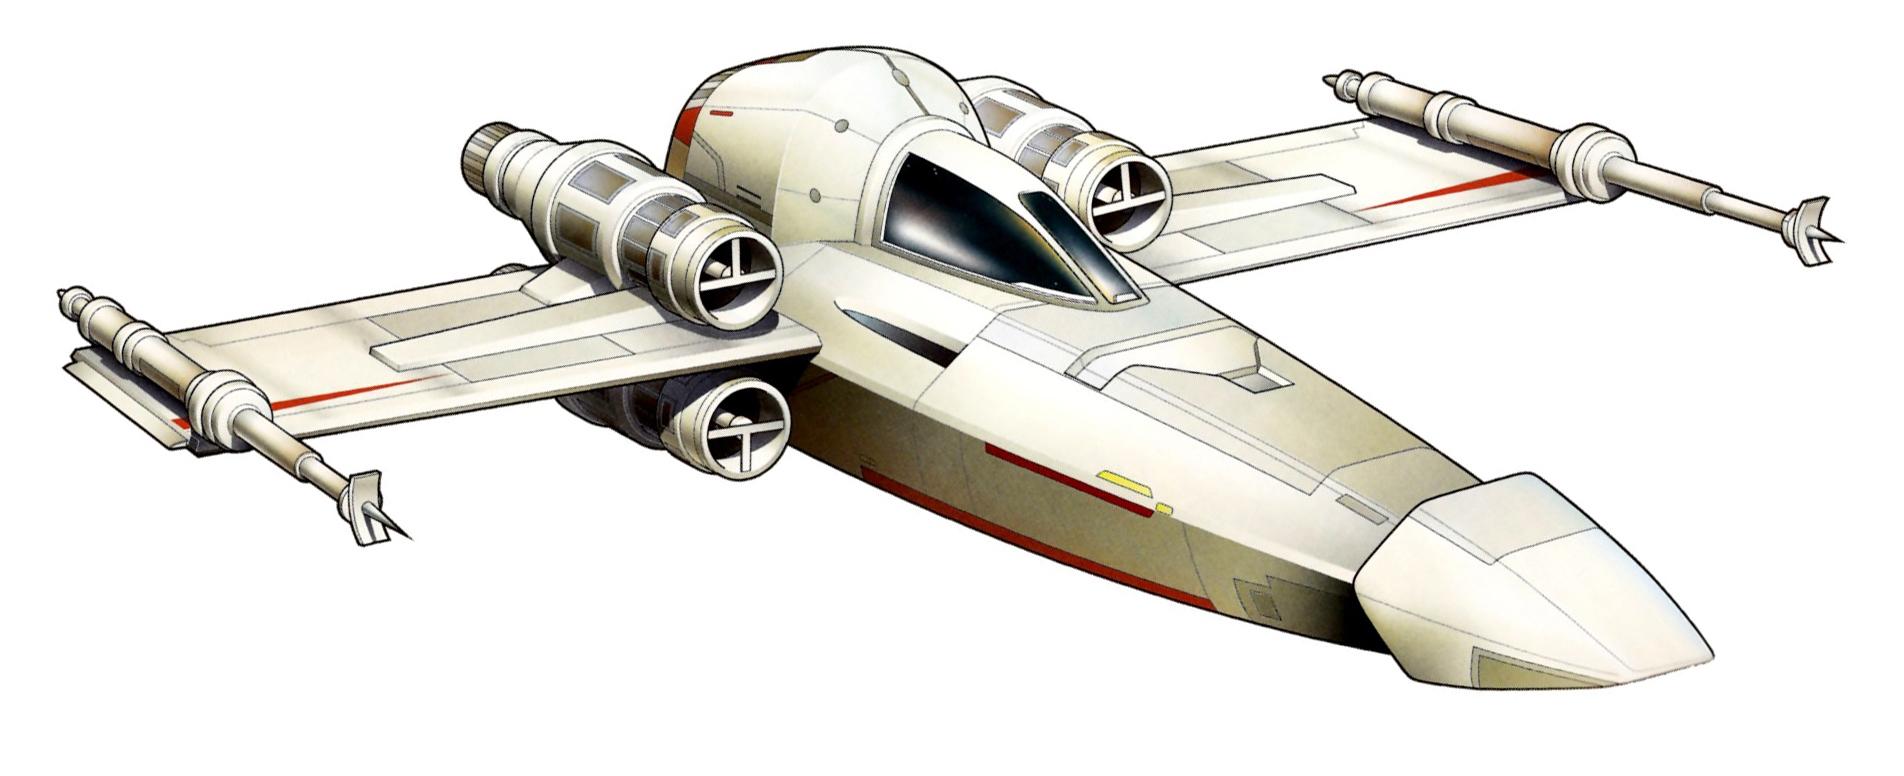 Z-95ヘッドハンター